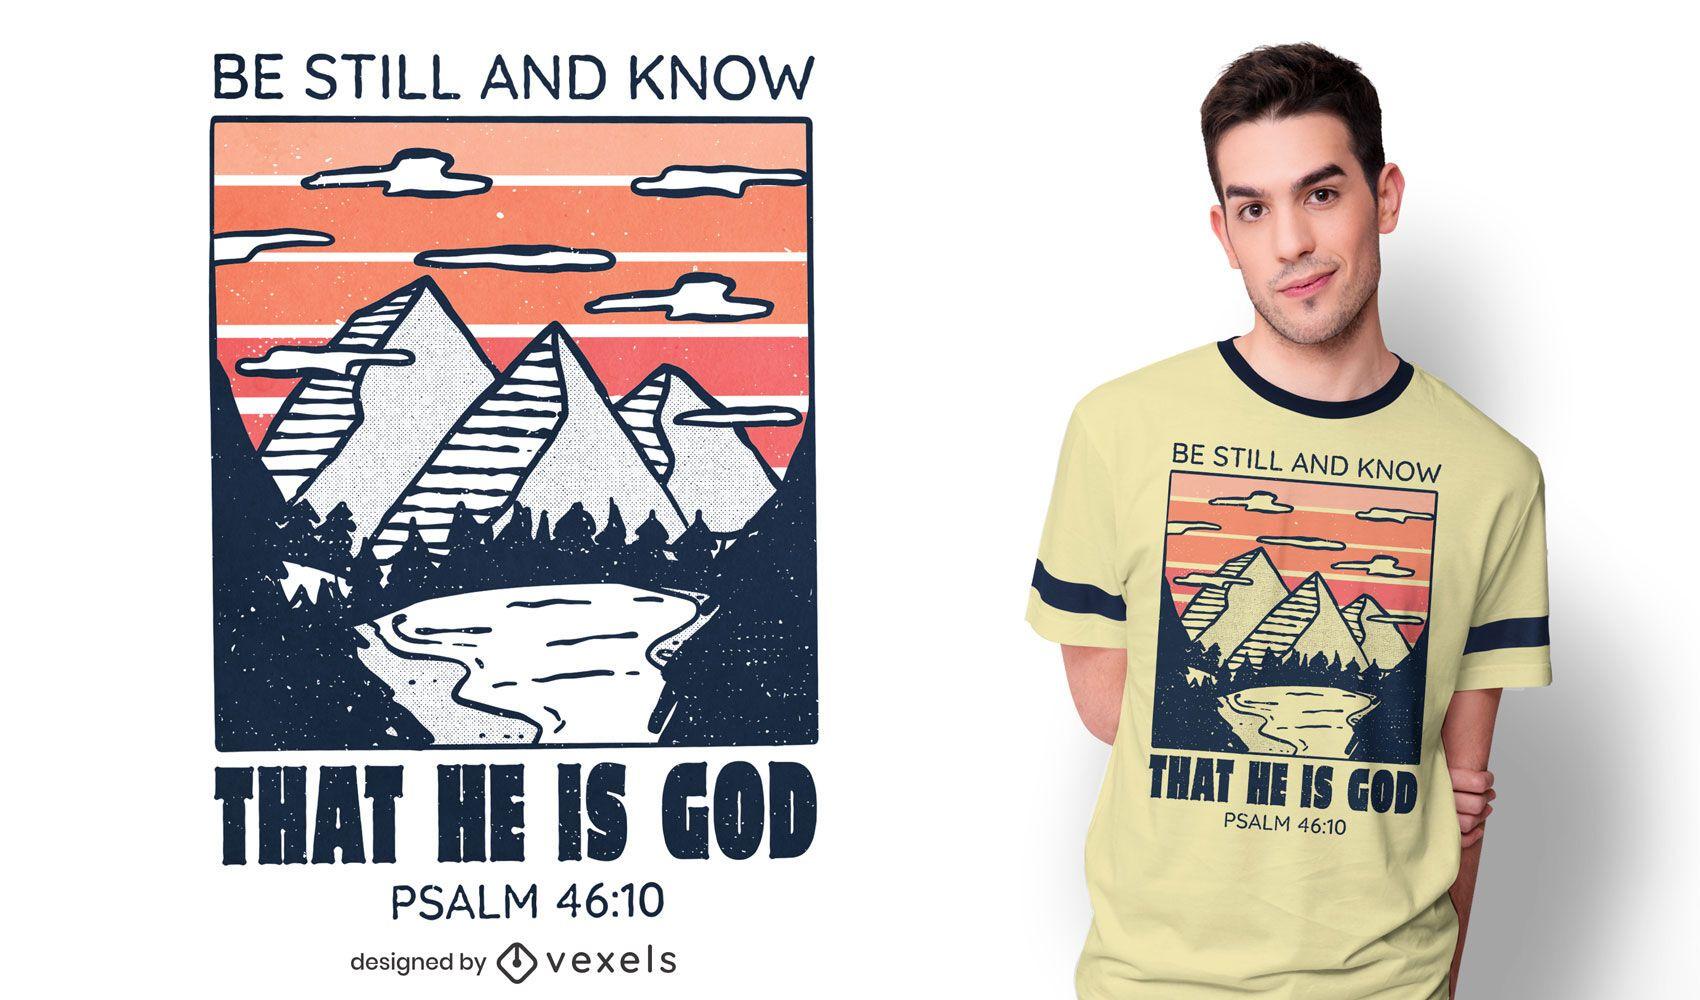 Dise?o de camiseta de monta?as de salmo